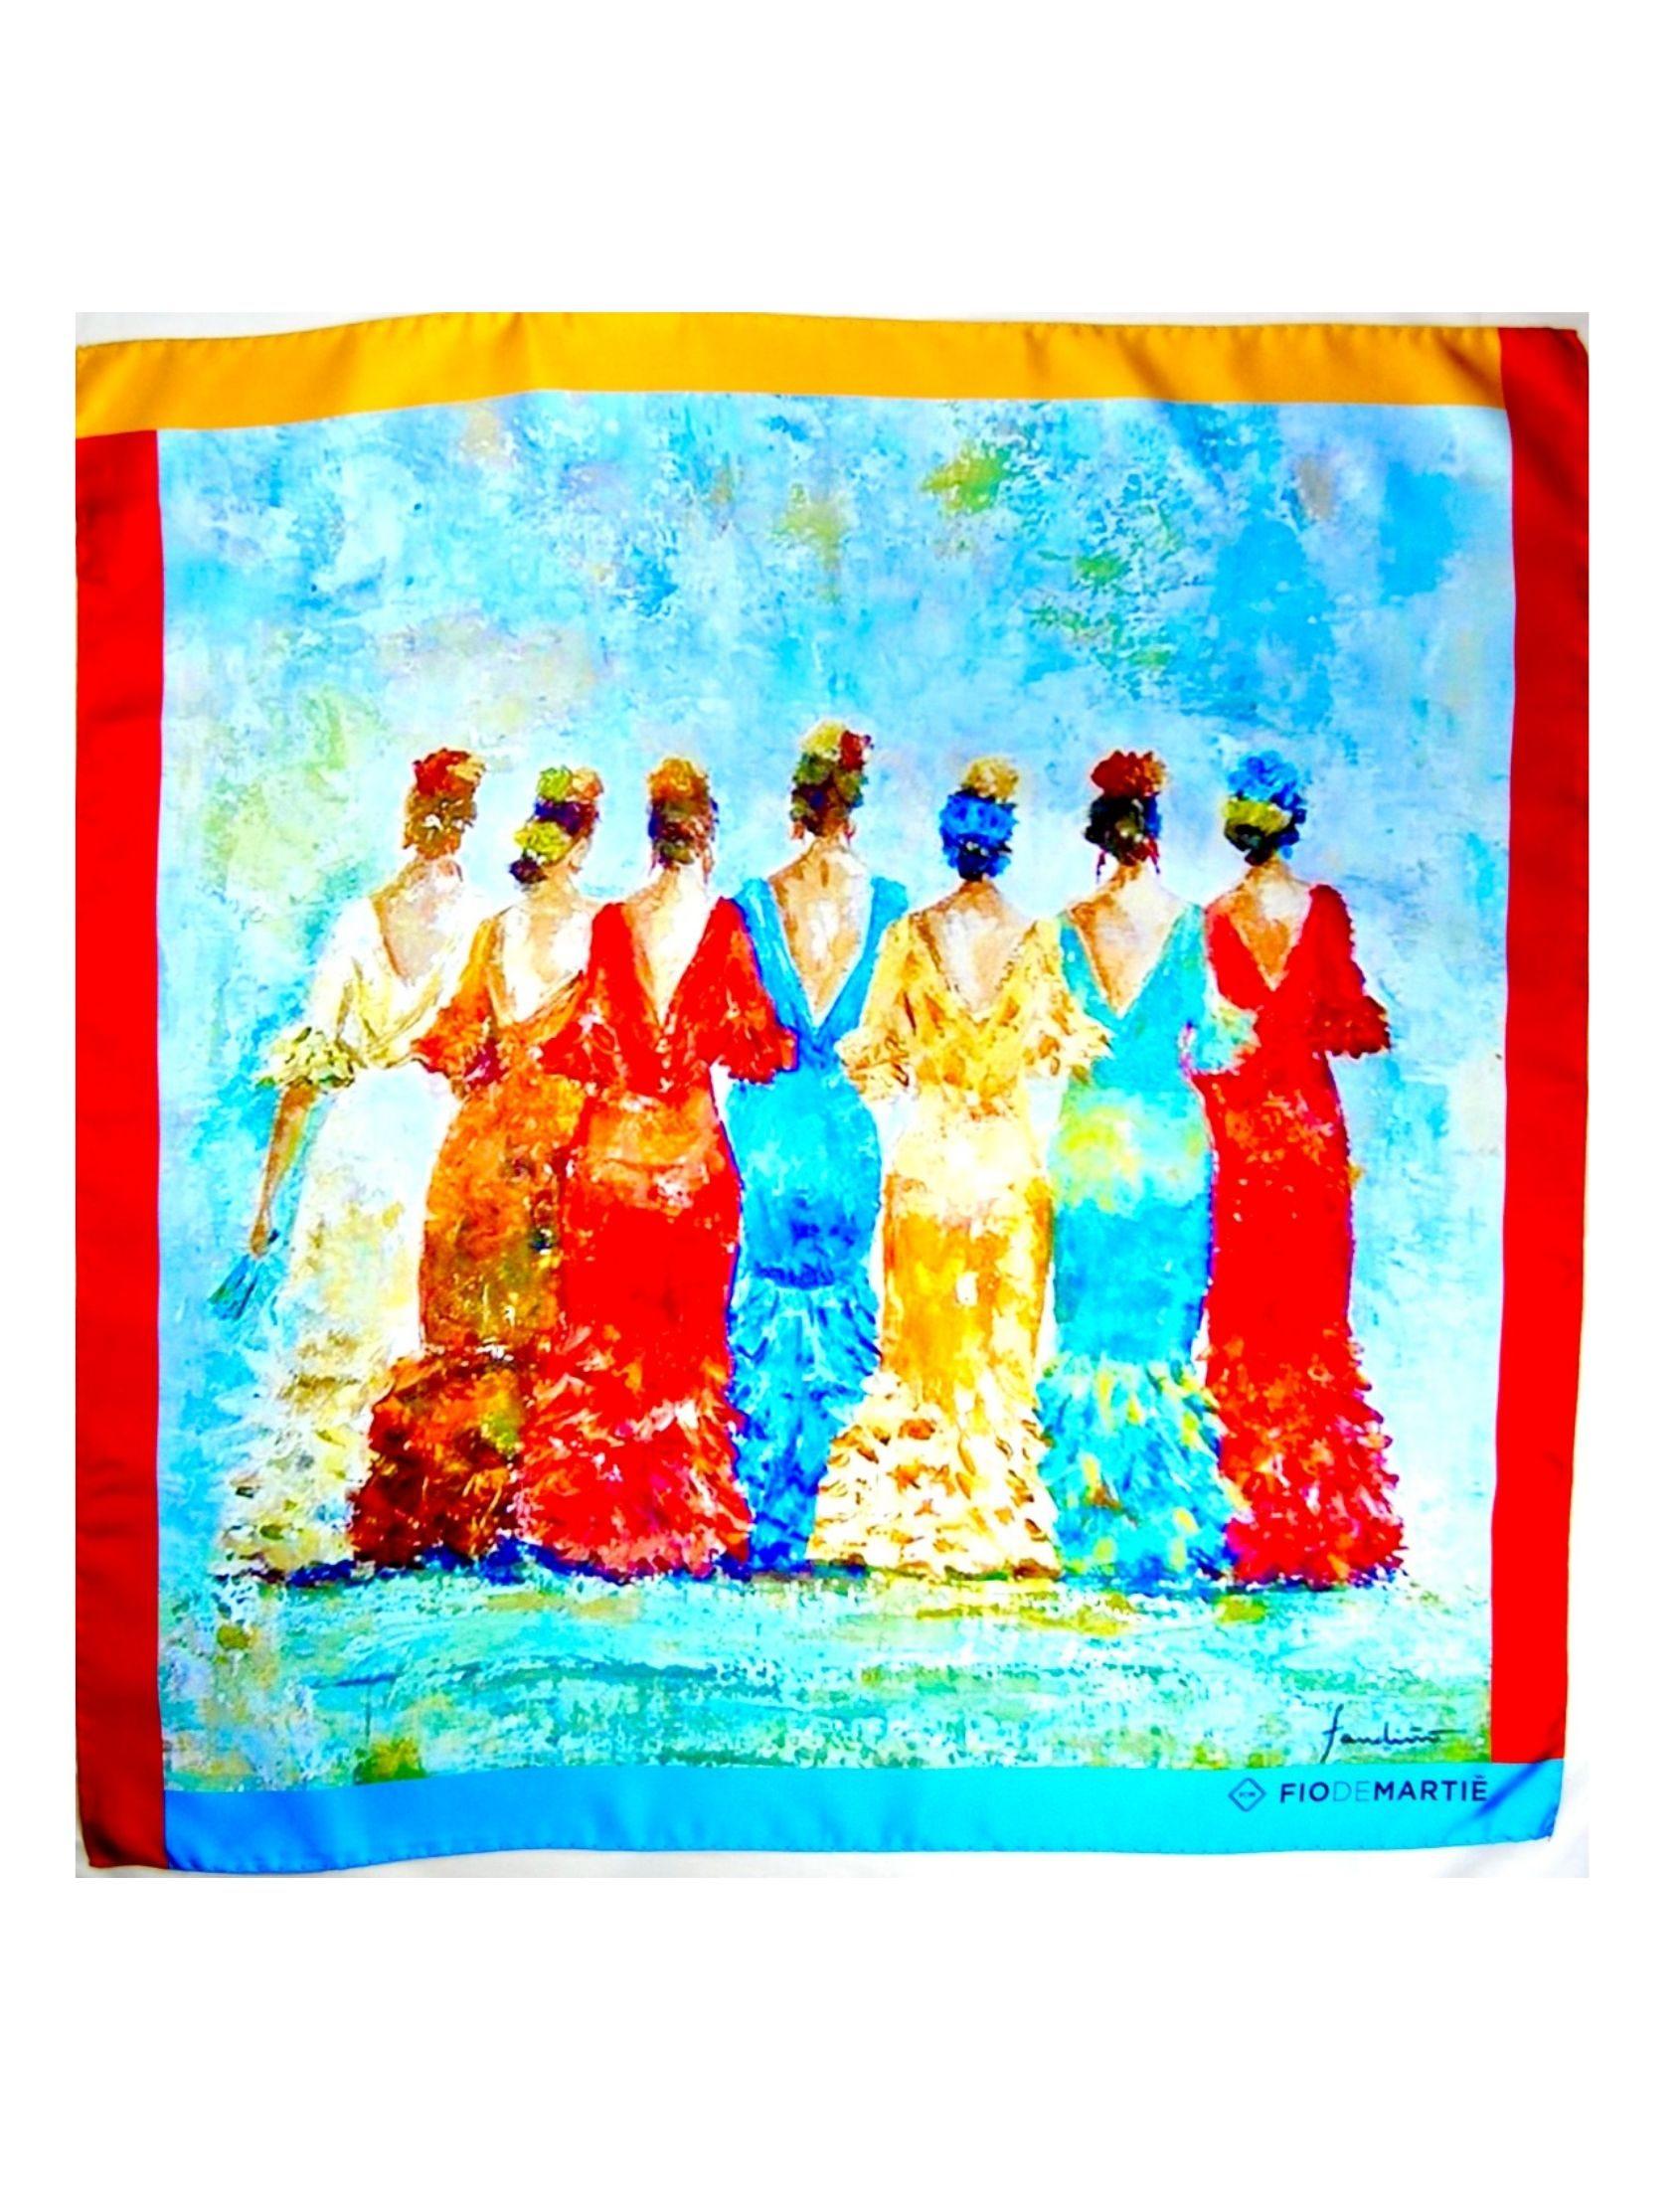 Pañuelo de mujer en seda italiana. Hecho a mano. Espectacular colorido. Estampado con un cuadro de la pintora coruñesa Pilar Fandiño que se ha pasado a la seda por impresión digital.